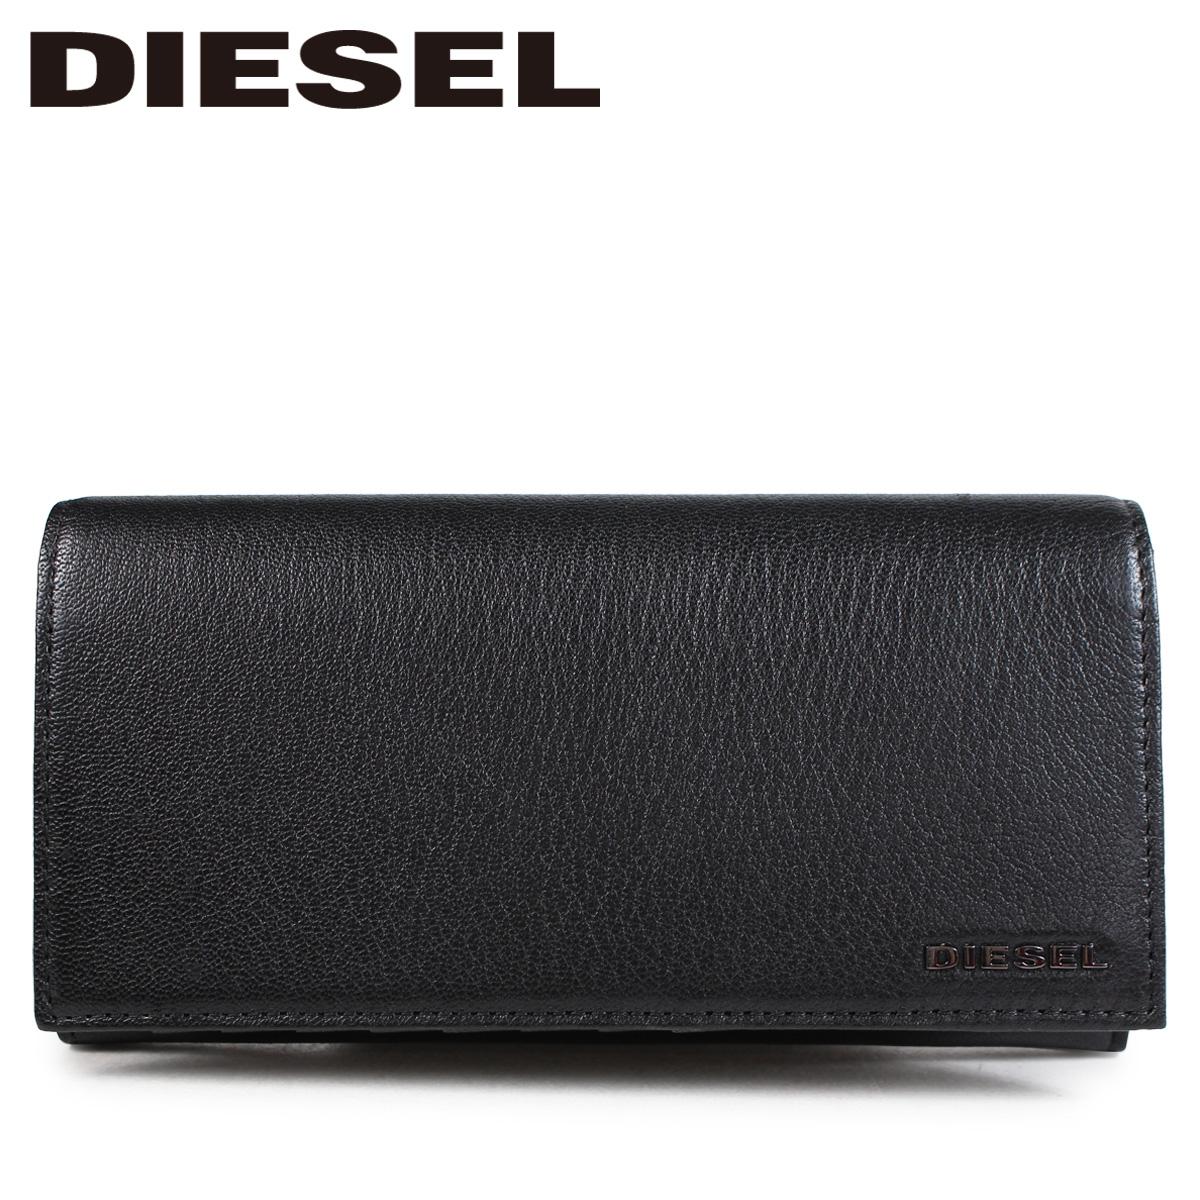 DIESEL ARIANO 24 A DAY ディーゼル 財布 長財布 メンズ 二つ折り ブラック X05984 P0396